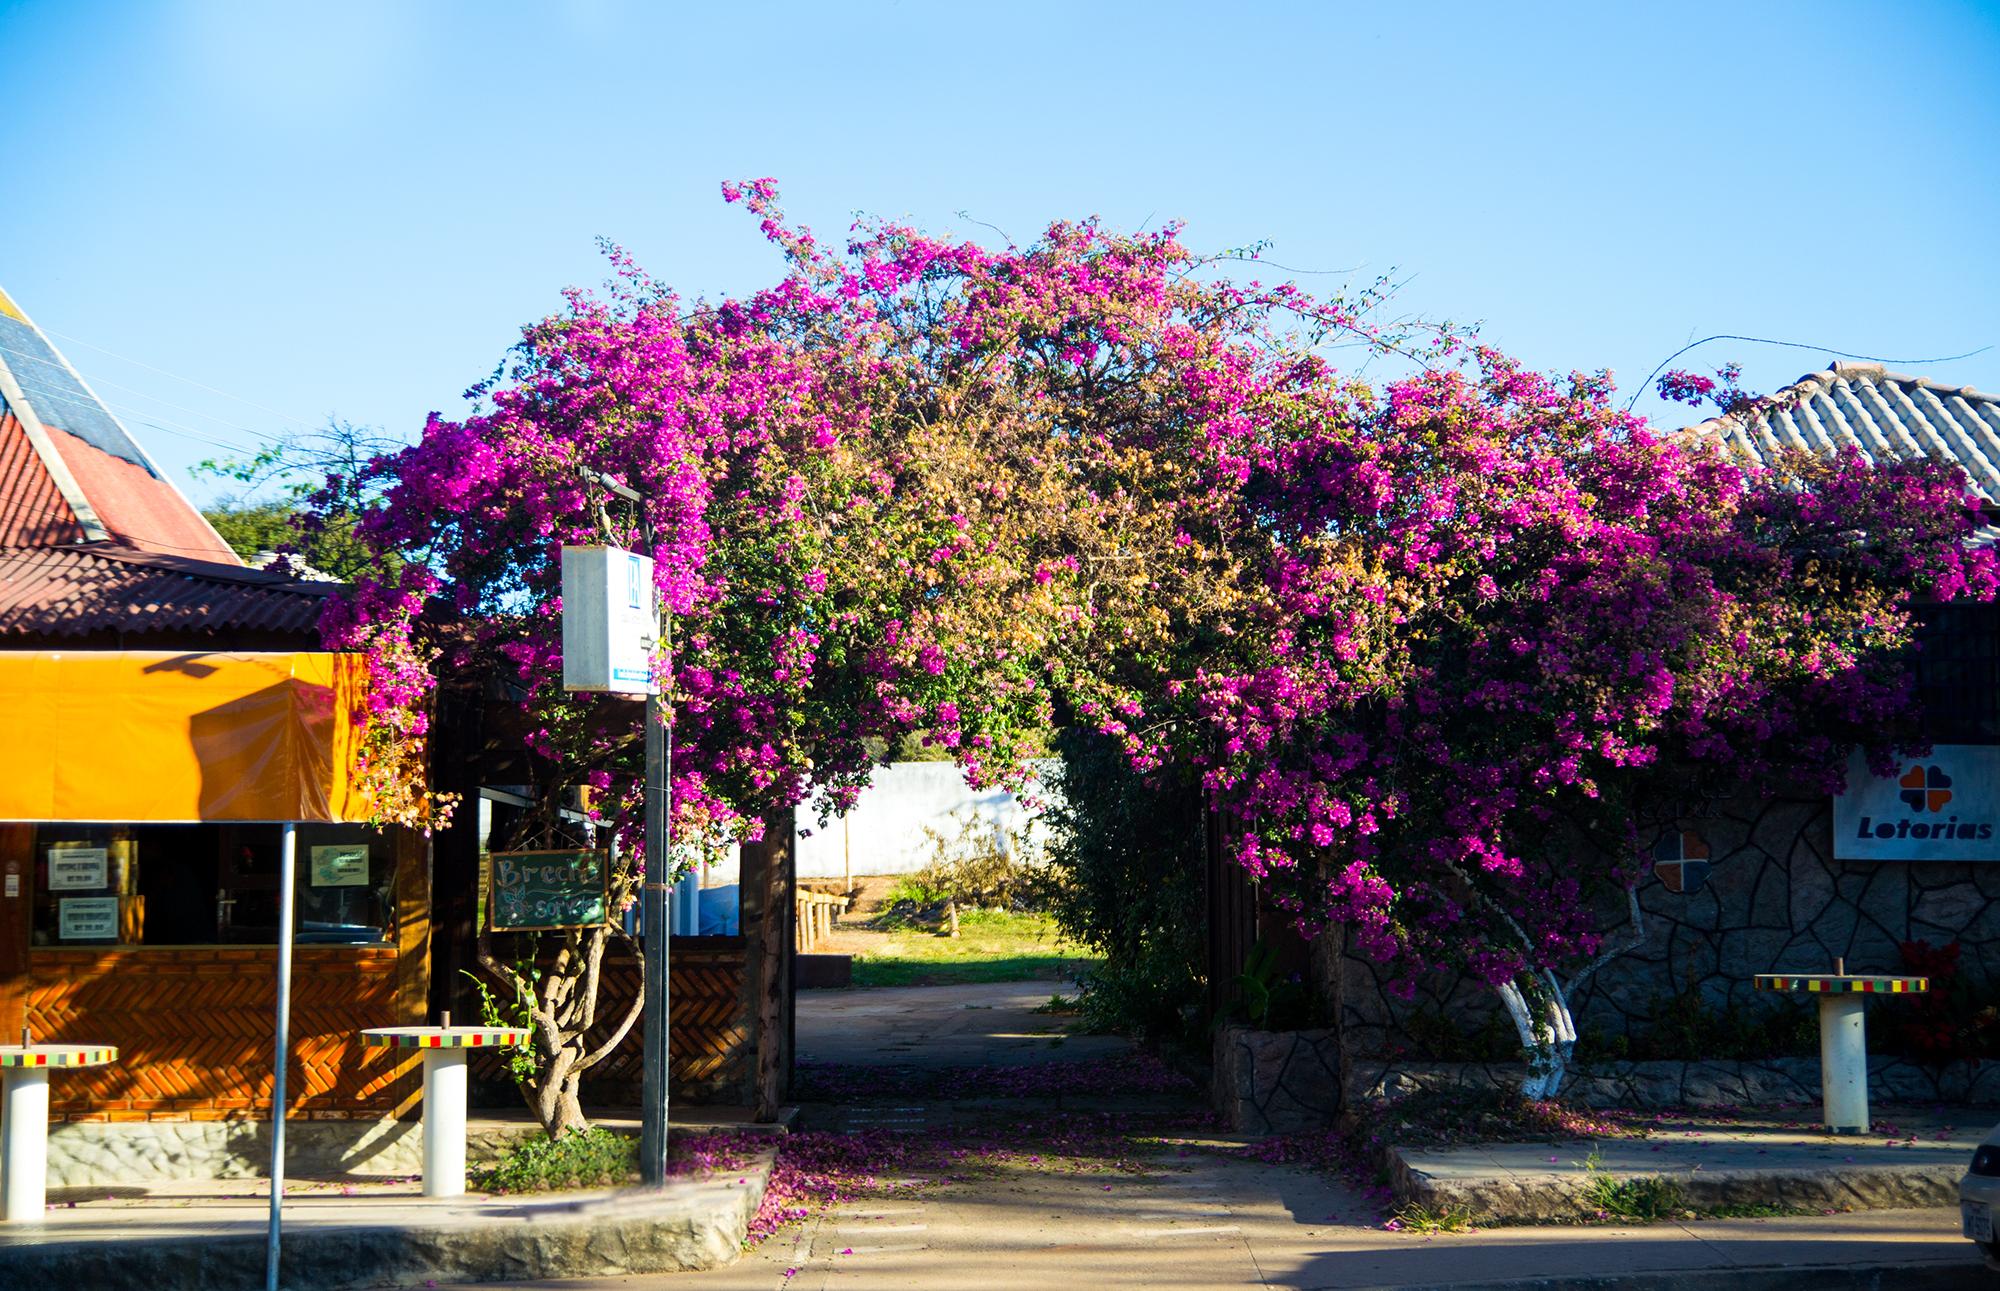 Eu amei essa foto por vários motivos: 1) as cores se harmonizando; 2) flores 3) céu! Aqui é um pedacinho da cidade de Alto Paraíso, que um post depois também, porque merece s2